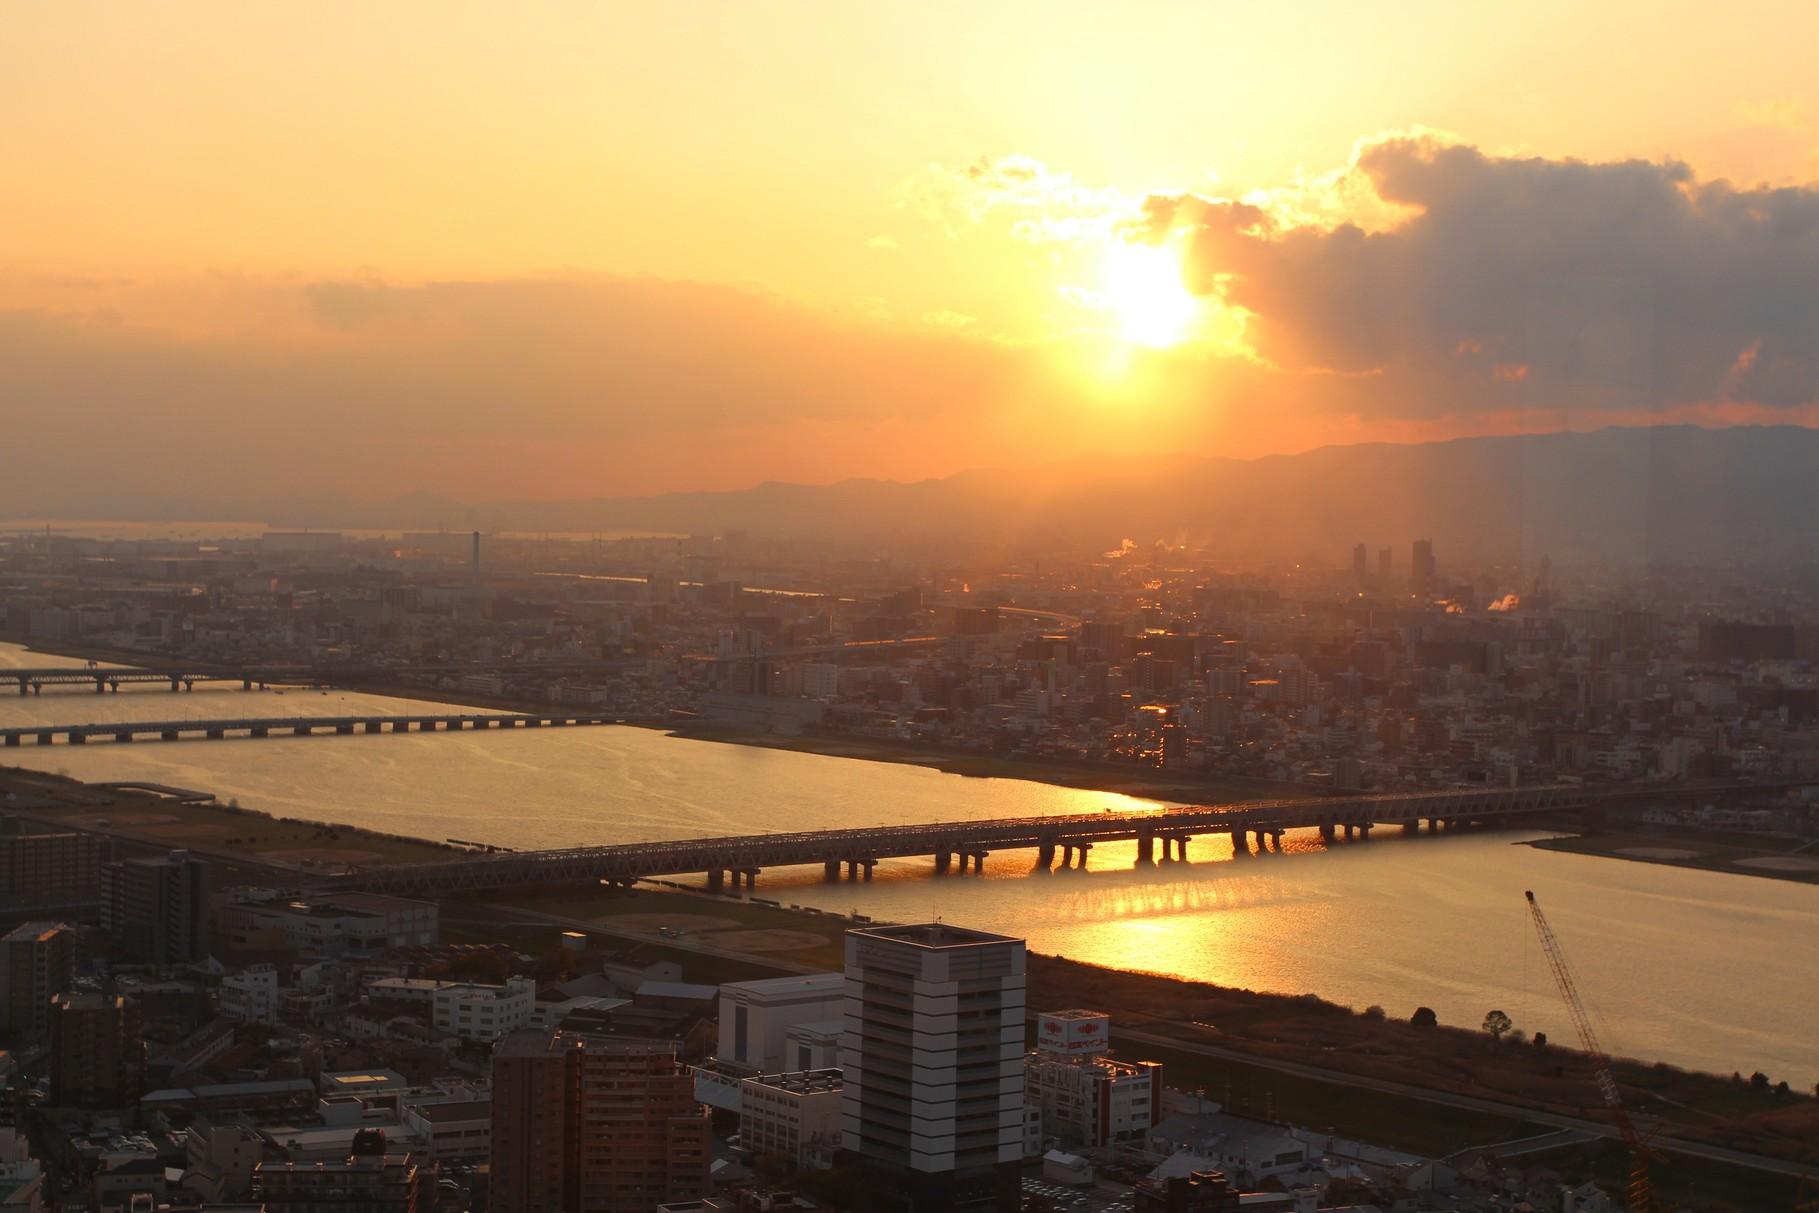 大阪市, 大阪市, 梅田スカイビル Ōsaka, Umeda sky building